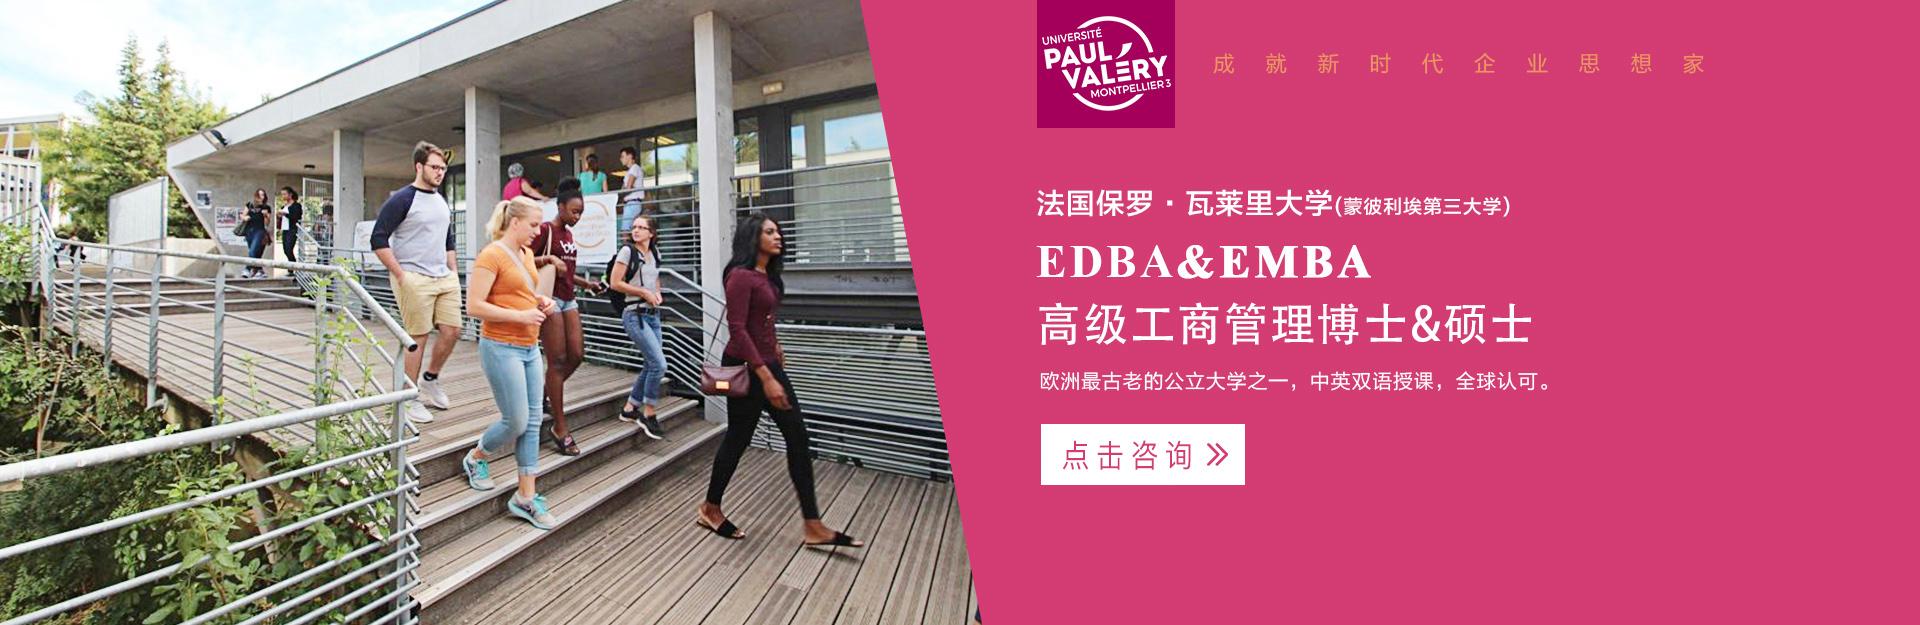 法国保罗•瓦莱里大学EMBA和EDBA